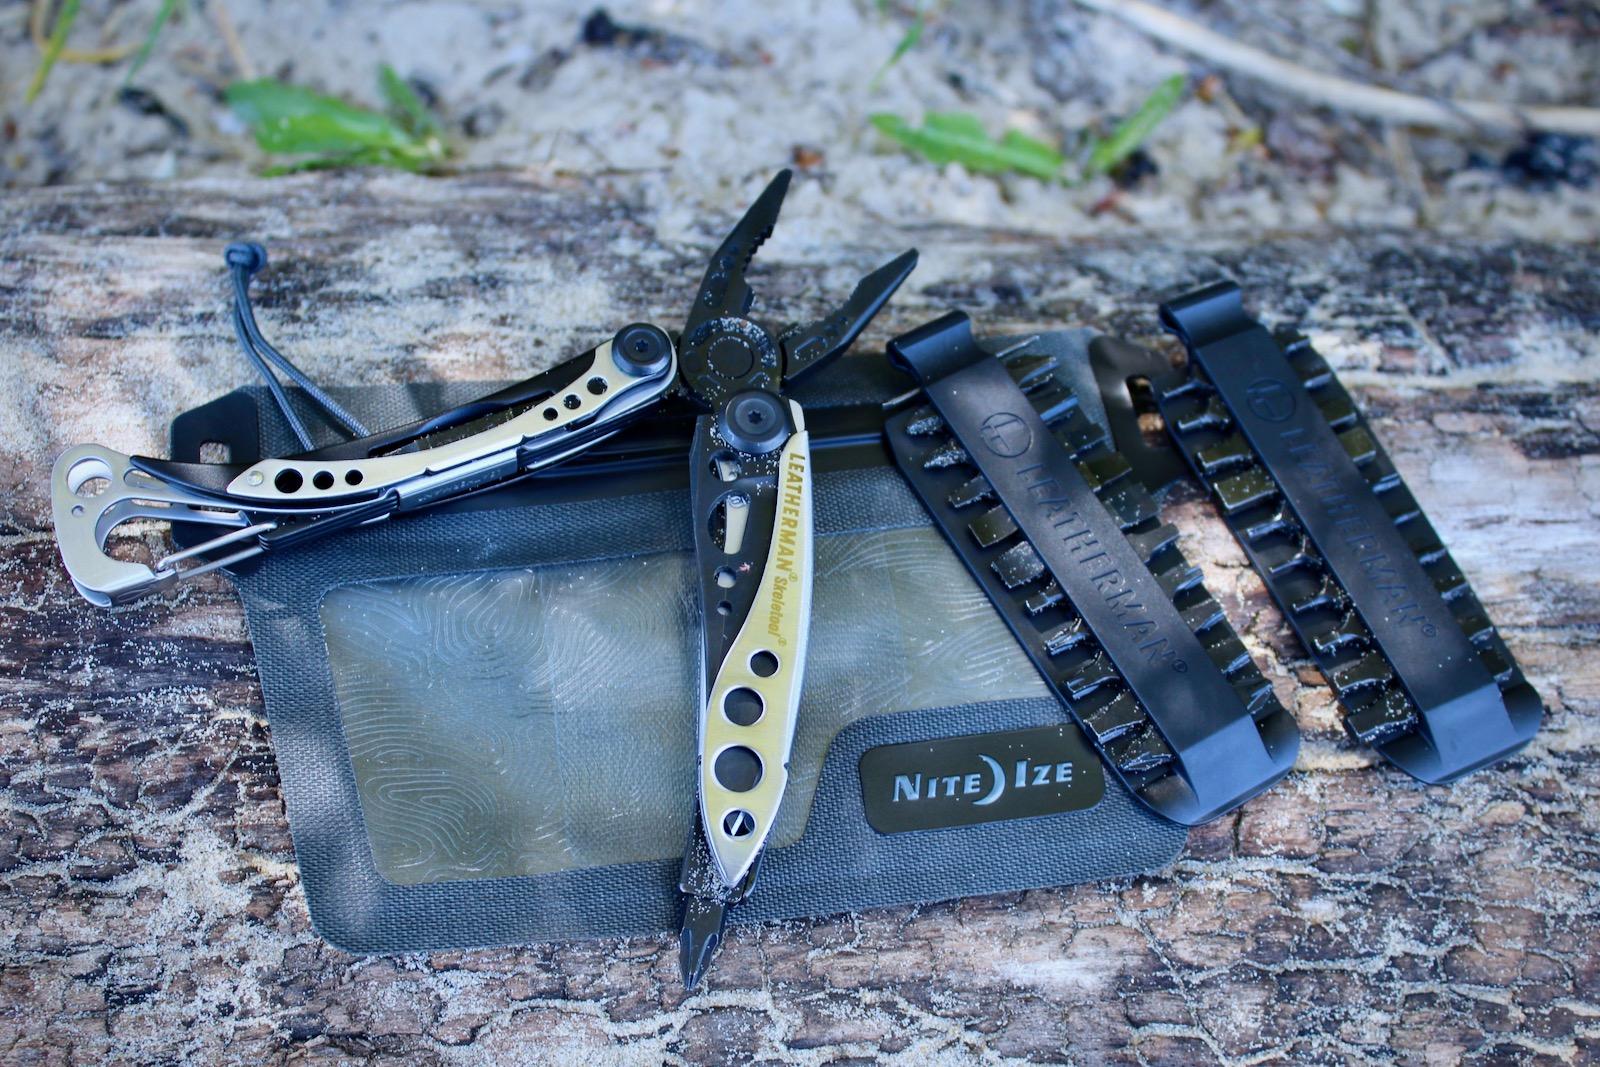 Leatherman Skeletool Multi-Tool Pliers and Bit Kit